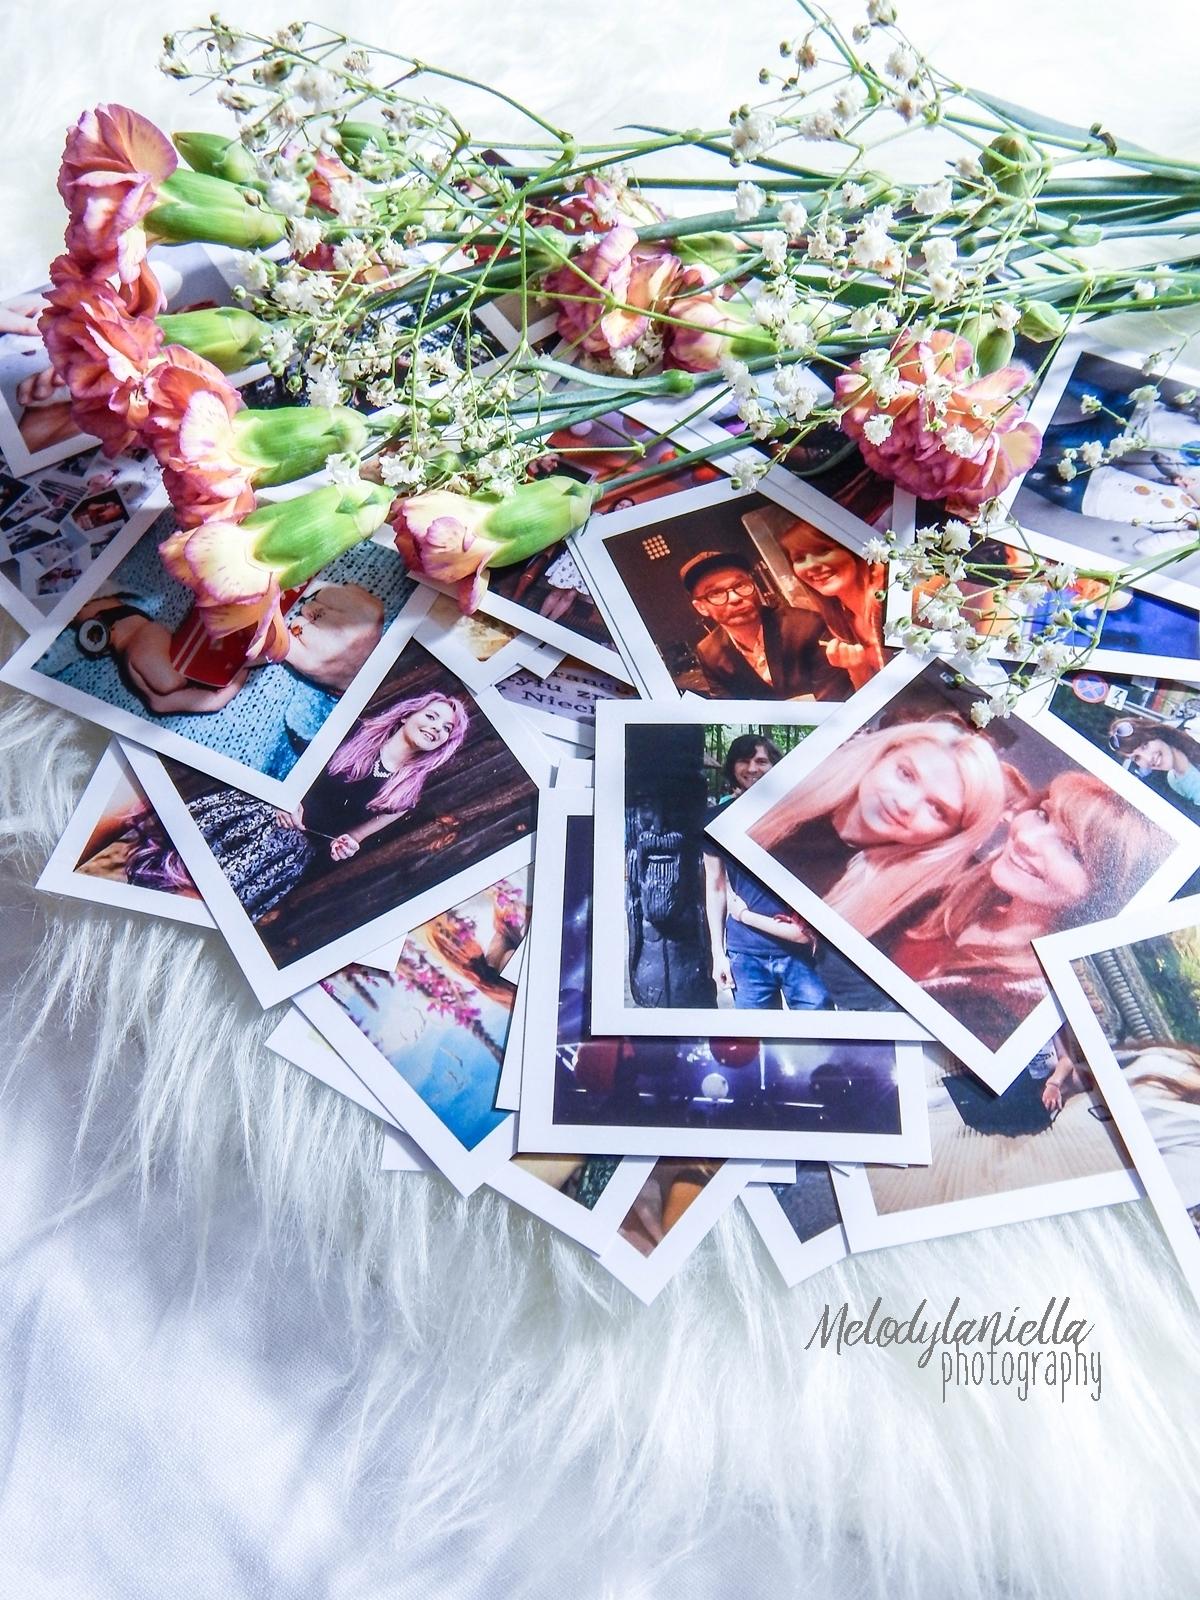 socialdruk kwadraty wywolywanie zdjec z instagrama polaroid wywolywanie fotografia pomysl na prezent nietypowe kwadratowe zdjecia w bialych ramkach duze kwadraty male kwadraty printy zdjecia